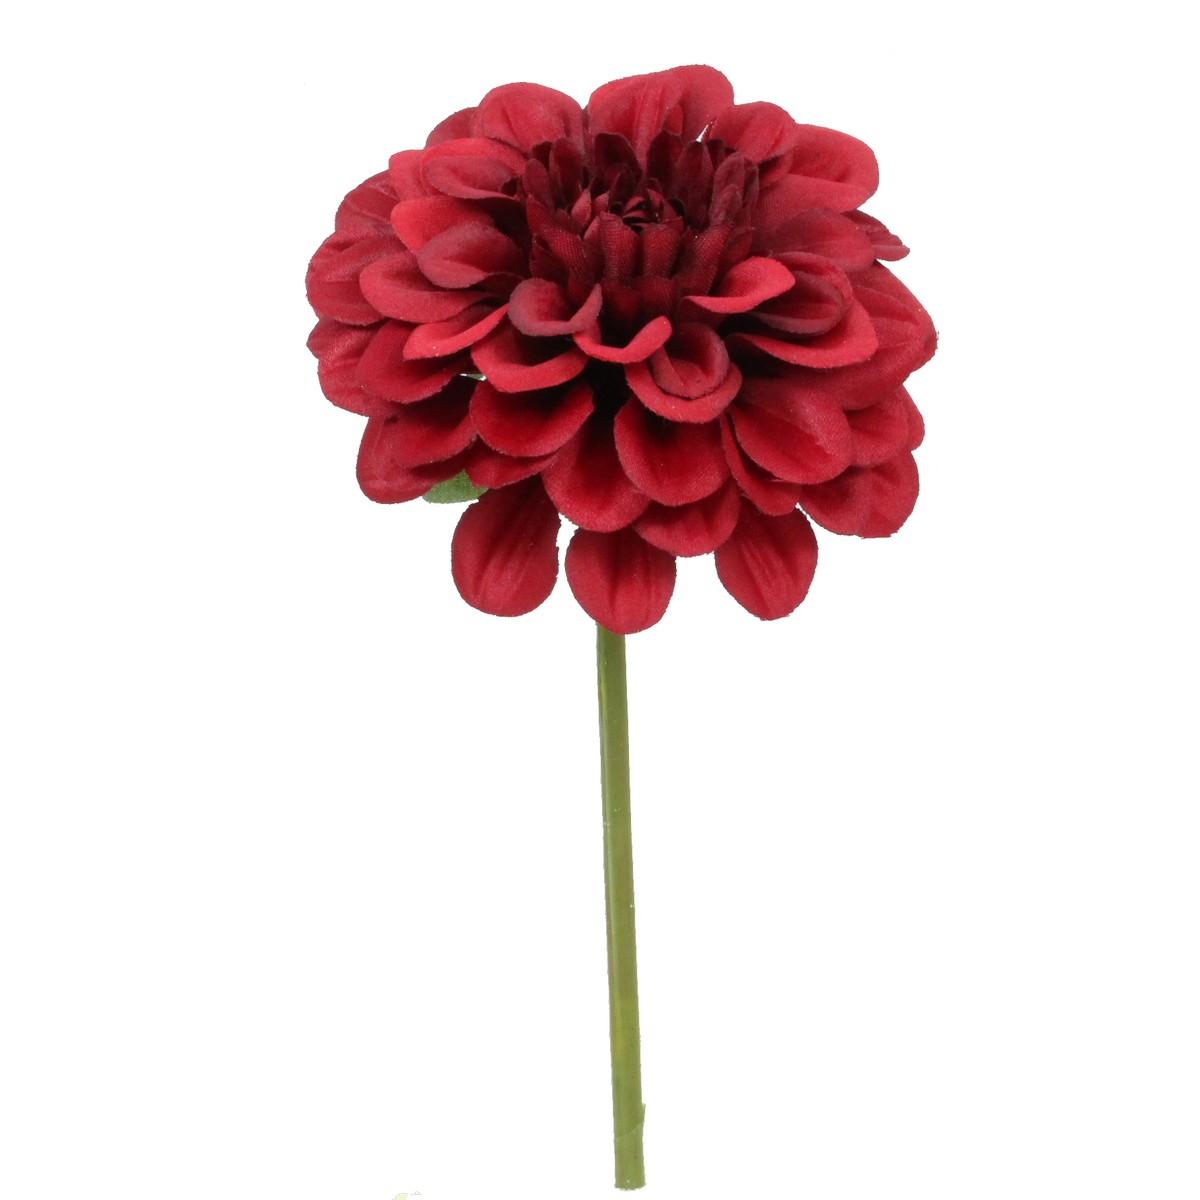 【造花】パレ/ジニアピック ライトレッド/P-8161-51【01】【取寄】《 造花(アーティフィシャルフラワー) 造花 花材「さ行」 ジニア 》